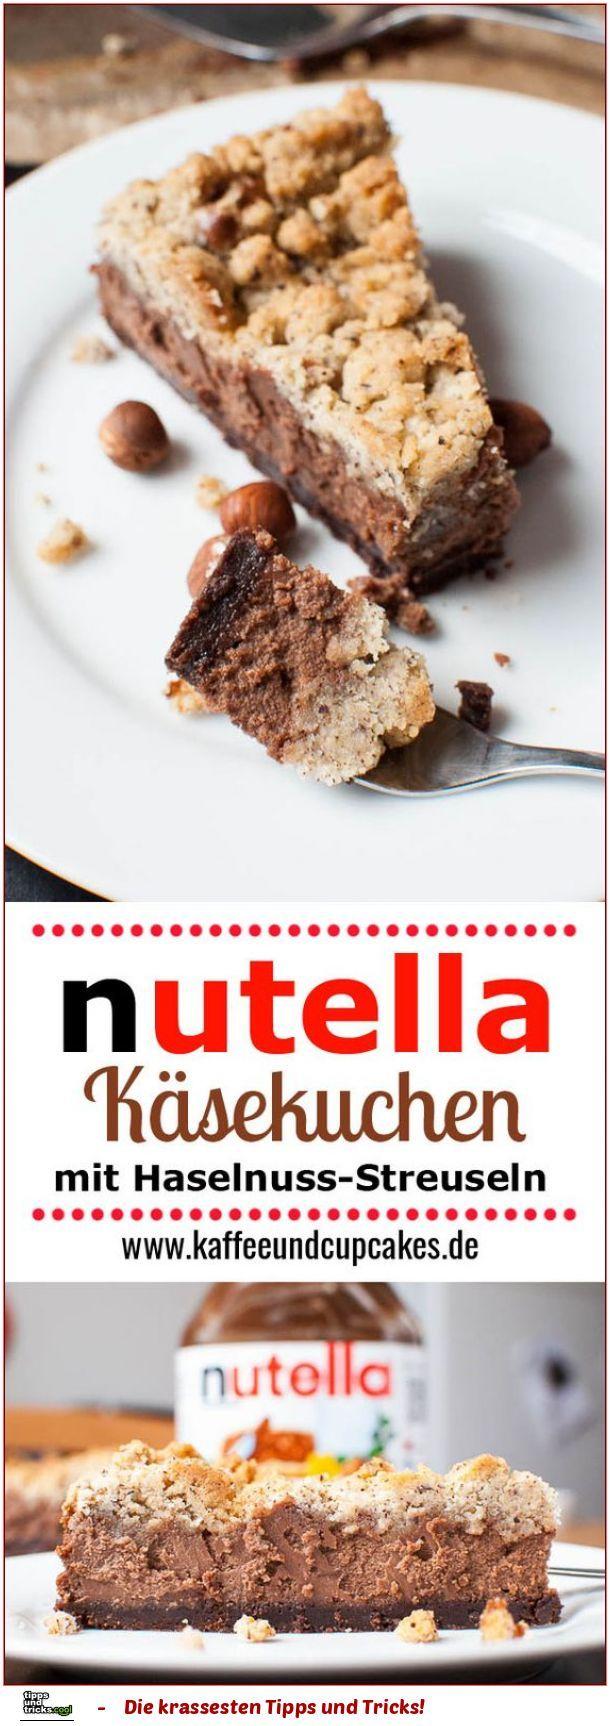 Nutella-Schoko-Käsekuchen mit Haselnuss-Streuseln ♥Für eine 26cm Springformnutella-schoko-streusel-kaesekuchen-thumbnailZutaten:Für den Boden    50 g Zucker    100 g Butter, weich    25 g Haselnüsse, gemahlen    20 g Kakao zum Backen    100 g MehlFür die Füllung    150 g Vollmilchschokolade    150 g Nutella    100 g Zucker    500 g Frischkäse, Doppelrahmstufe    2 EierFür die Streusel    100 g Butter, weich    100 g Zucker    100 g Haselnüsse, gemahlen    100 g MehlZubereitung:    Den…